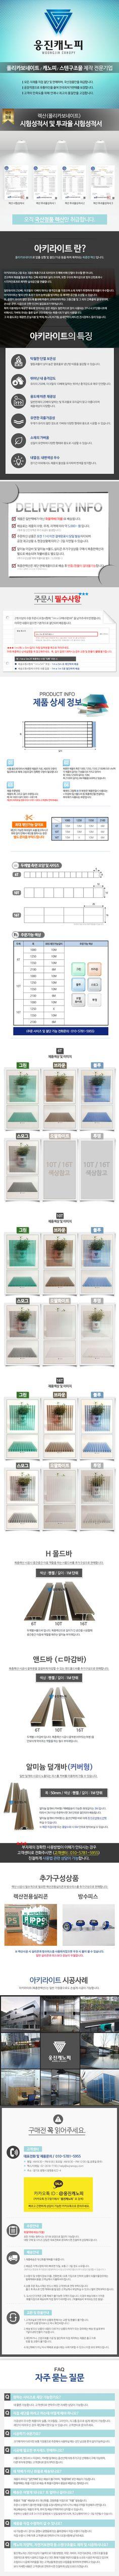 복층렉산 폴리카보네이트 1m x 1m 웅진캐노피